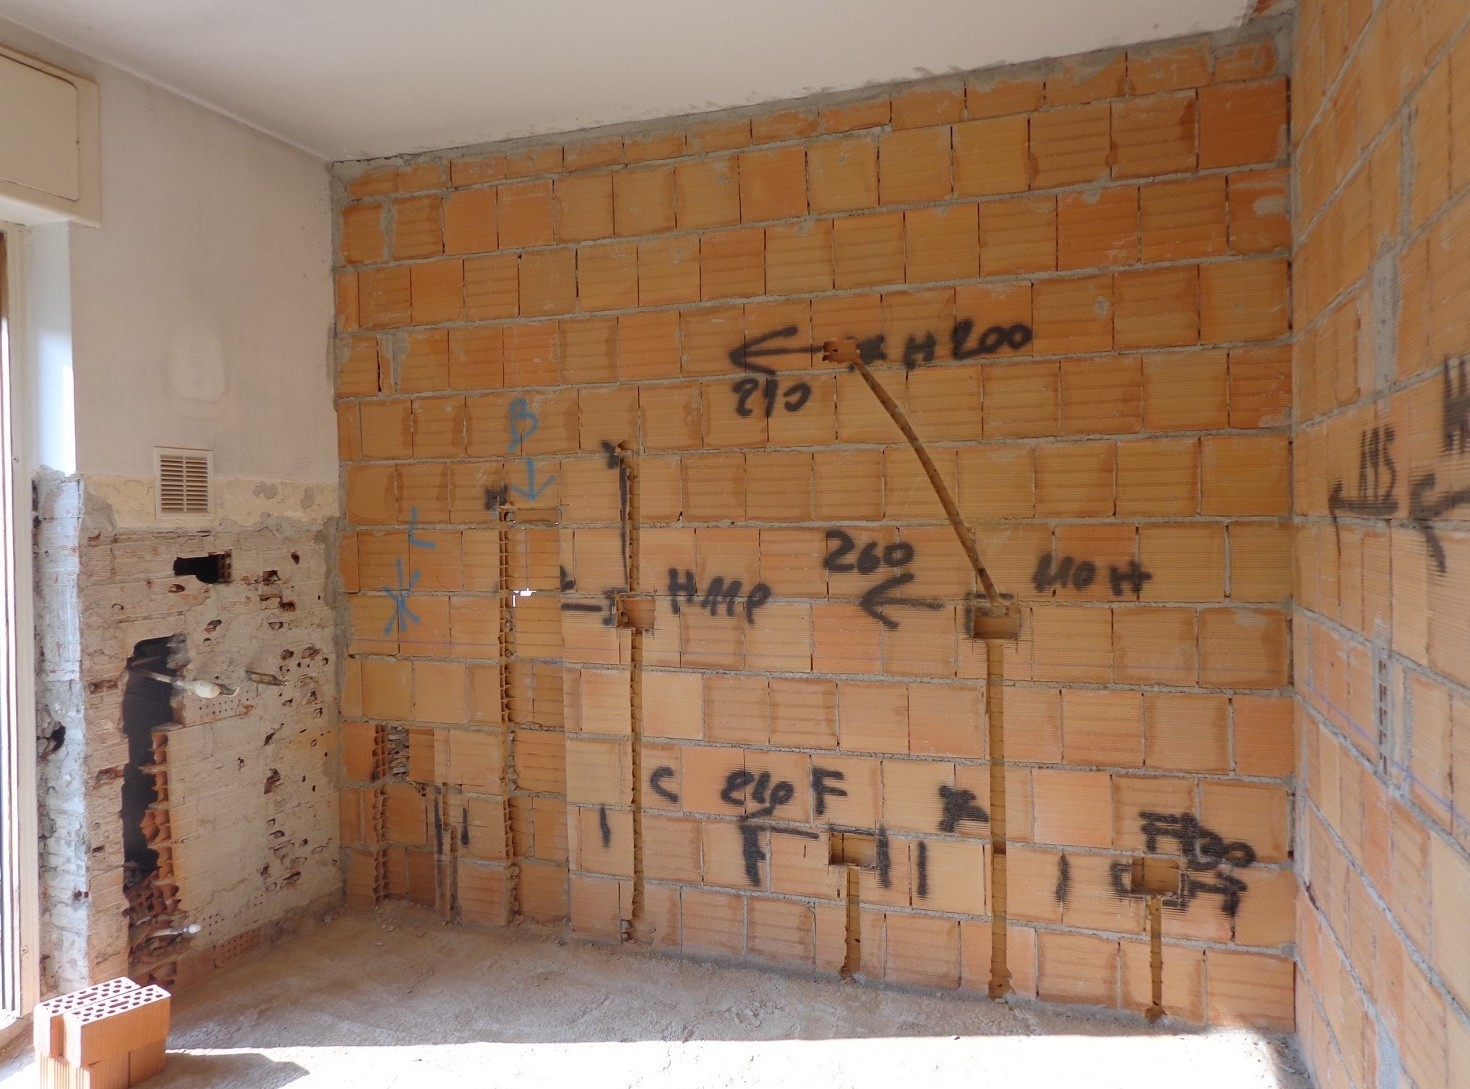 Trattenuta bonifici ristrutturazione casa 2020 come funzionano, importi e se si possono recuperare